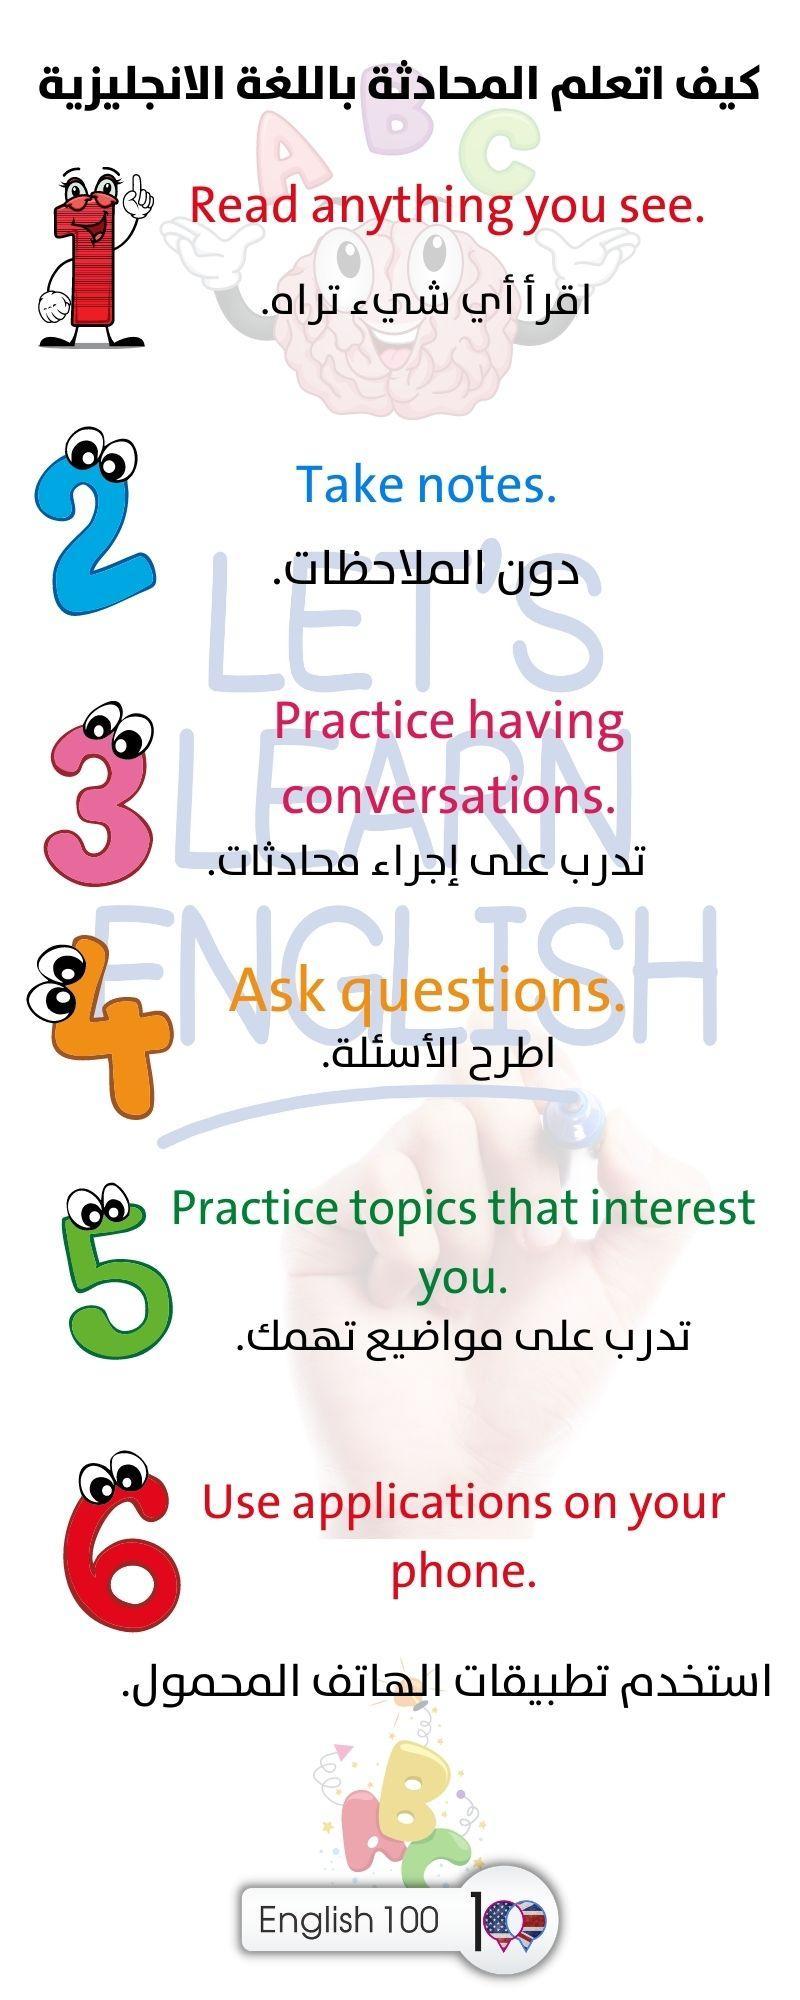 كيف اتعلم المحادثة باللغة الانجليزية How do I learn conversation in English